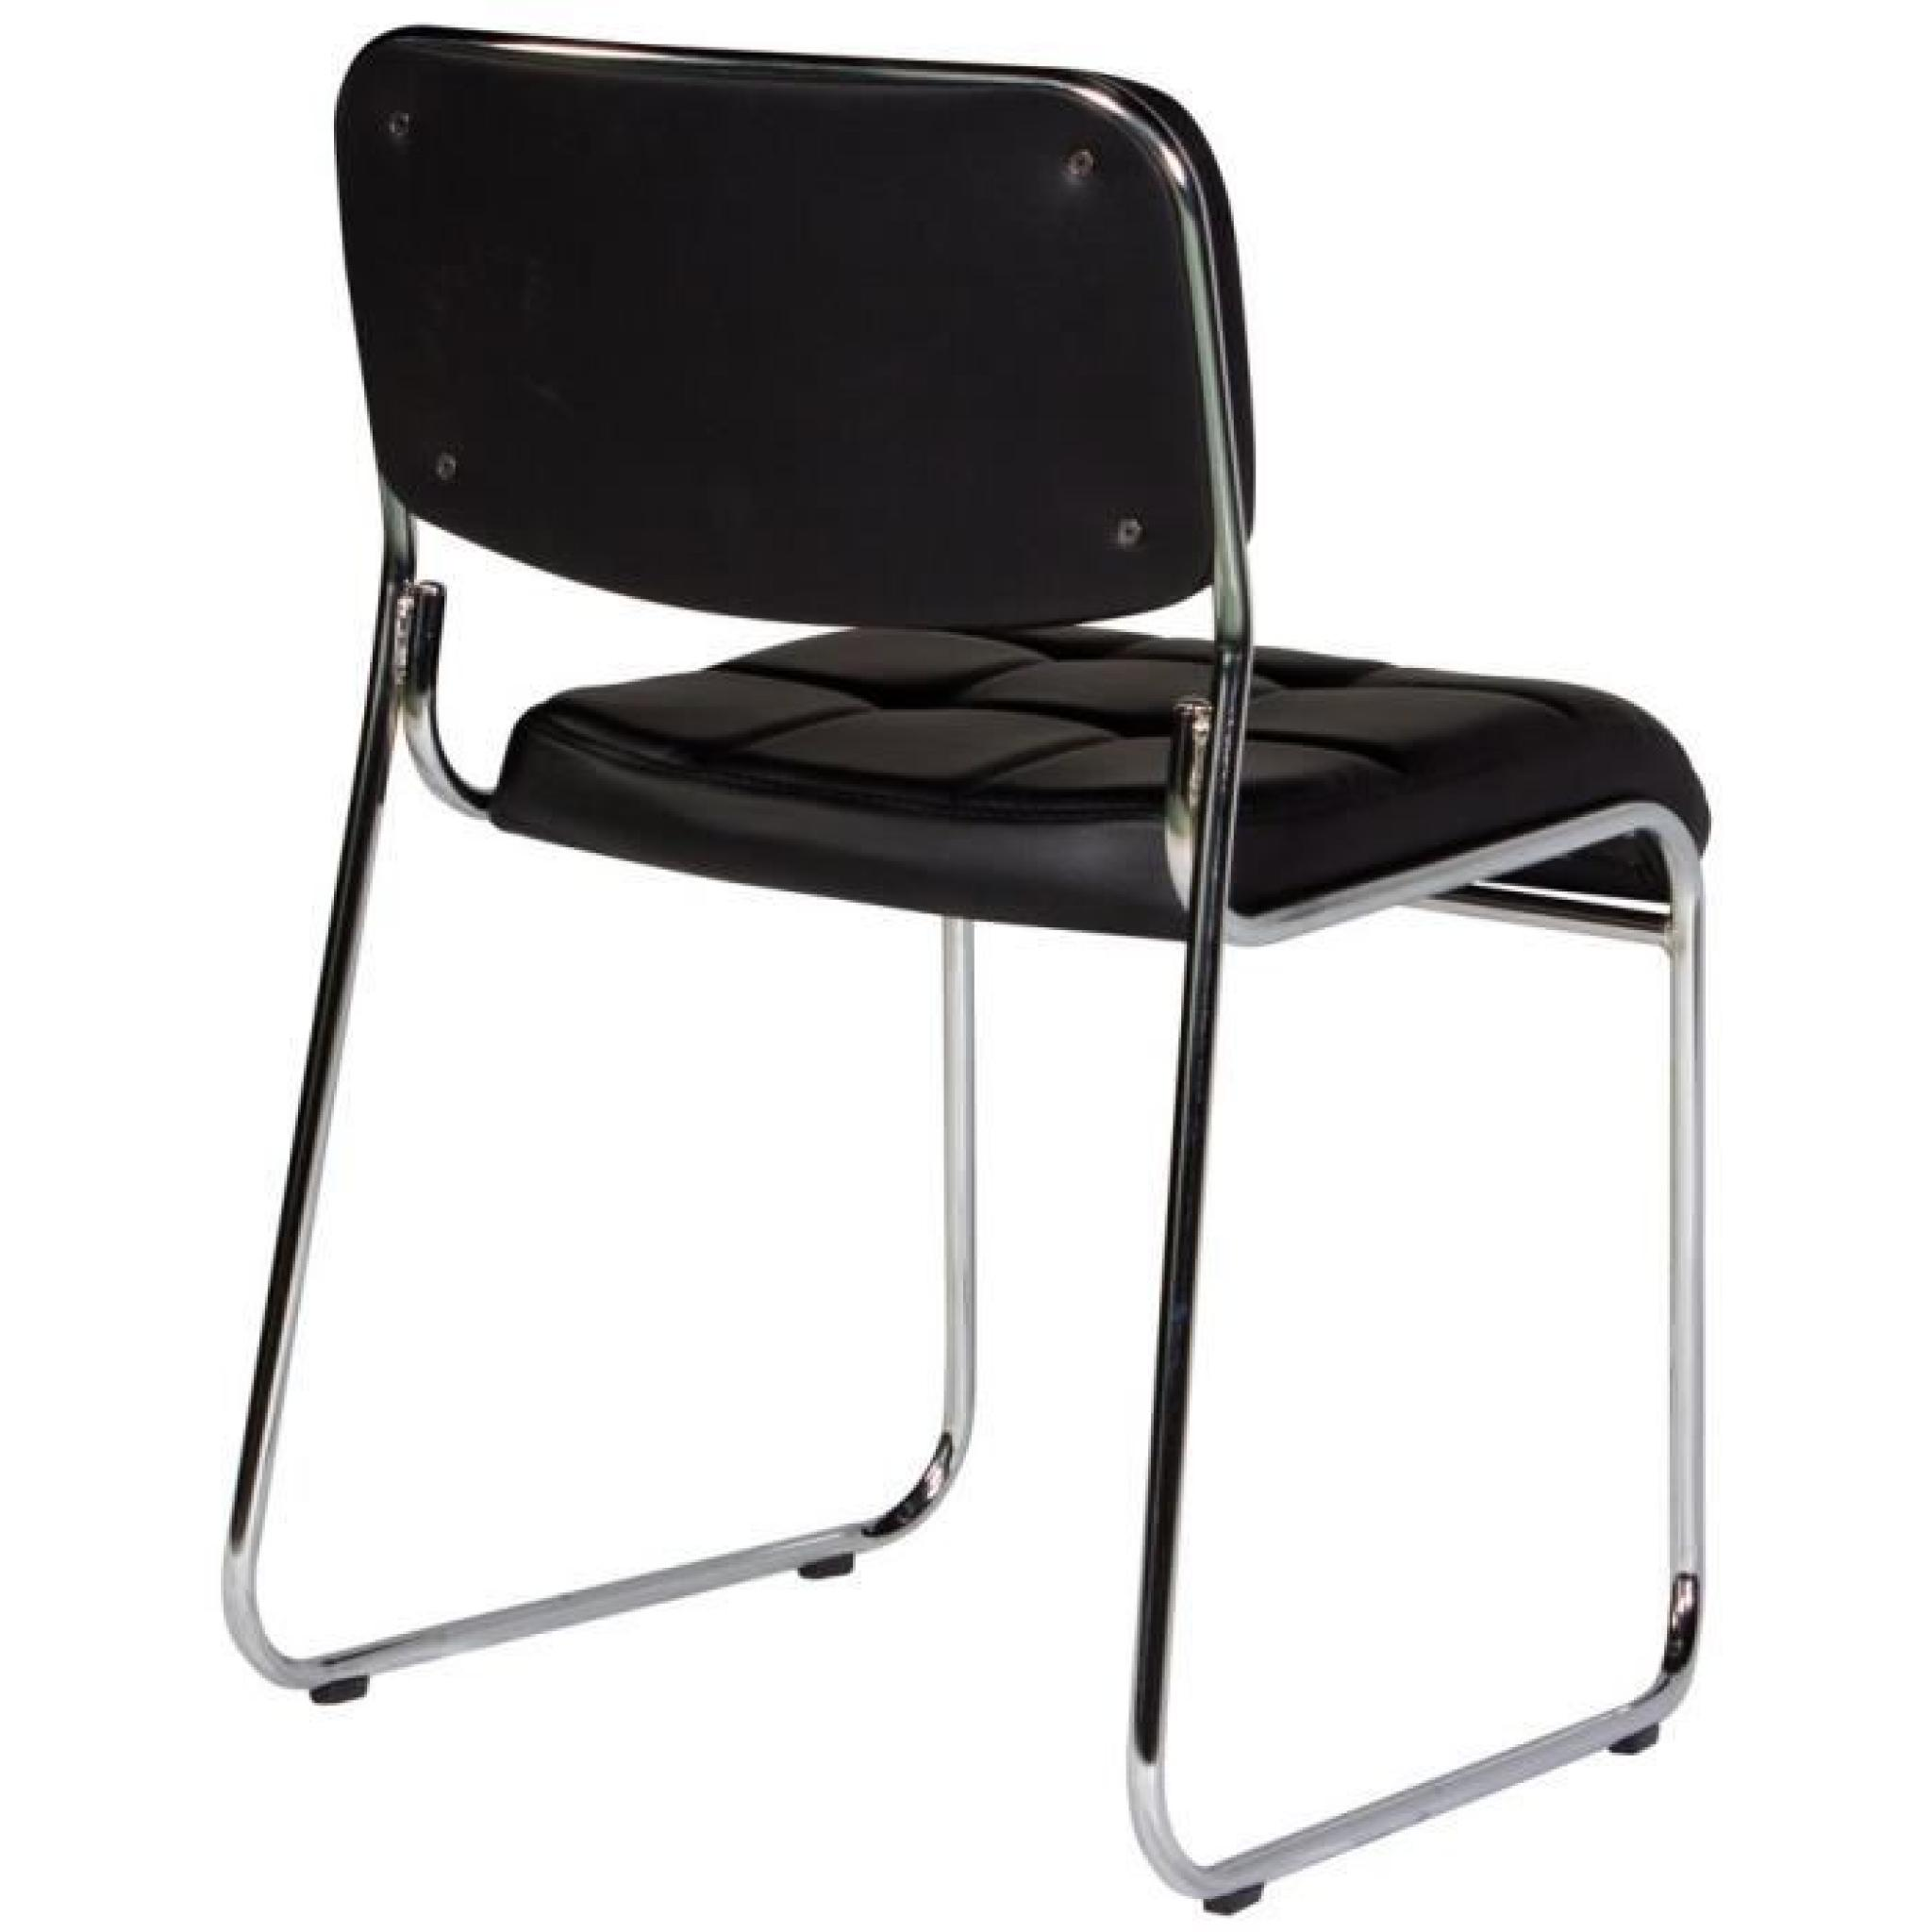 Chaise capitonn e sans accoudoirs coloris noir moderne achat vente chaise salle a manger pas - Porte capitonnee prix ...